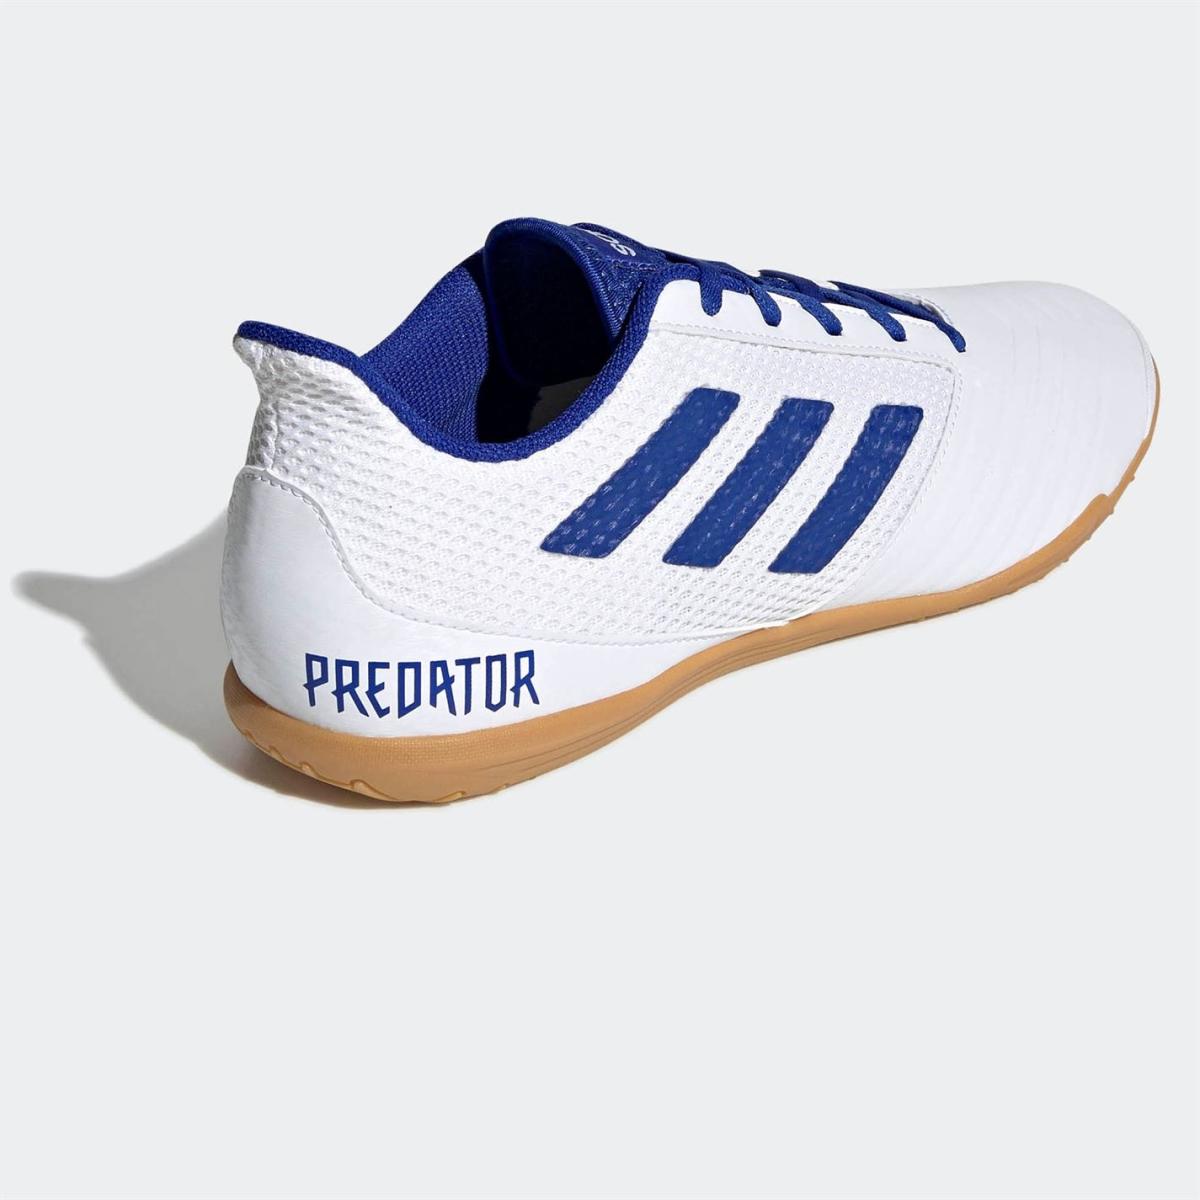 adidas Predator 19.4 Hallenschuhe Fußballschuhe Indoor Herren Indoorschuhe 3118